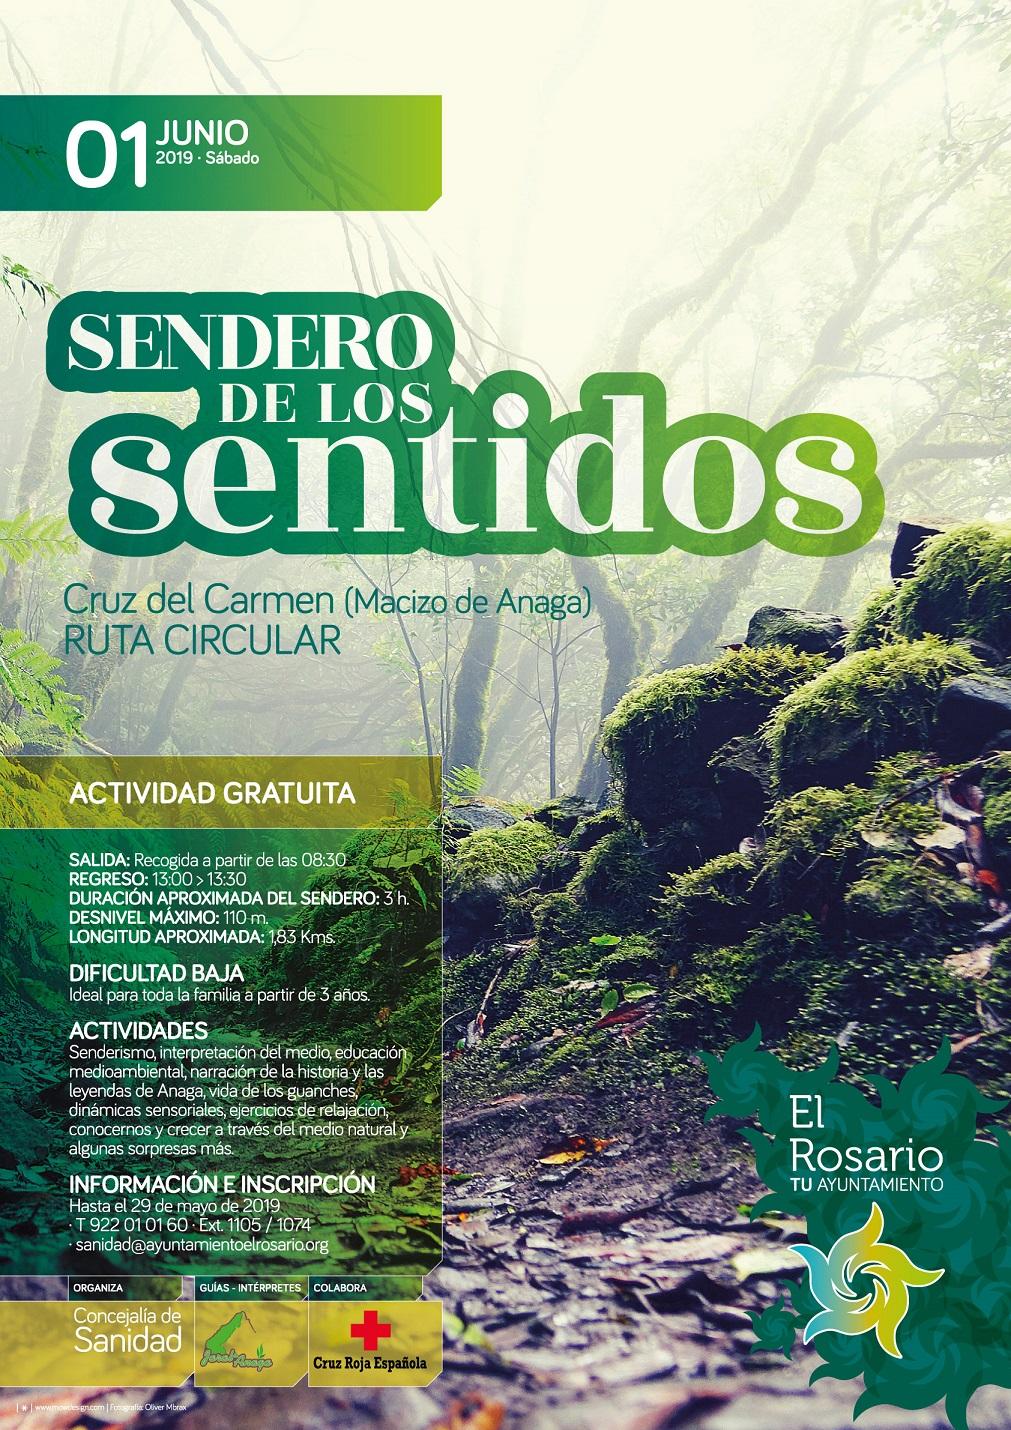 SENDERO_LOS_SENTIDOS-20190601-CARTEL_A3-20190513-01af-redes - copia